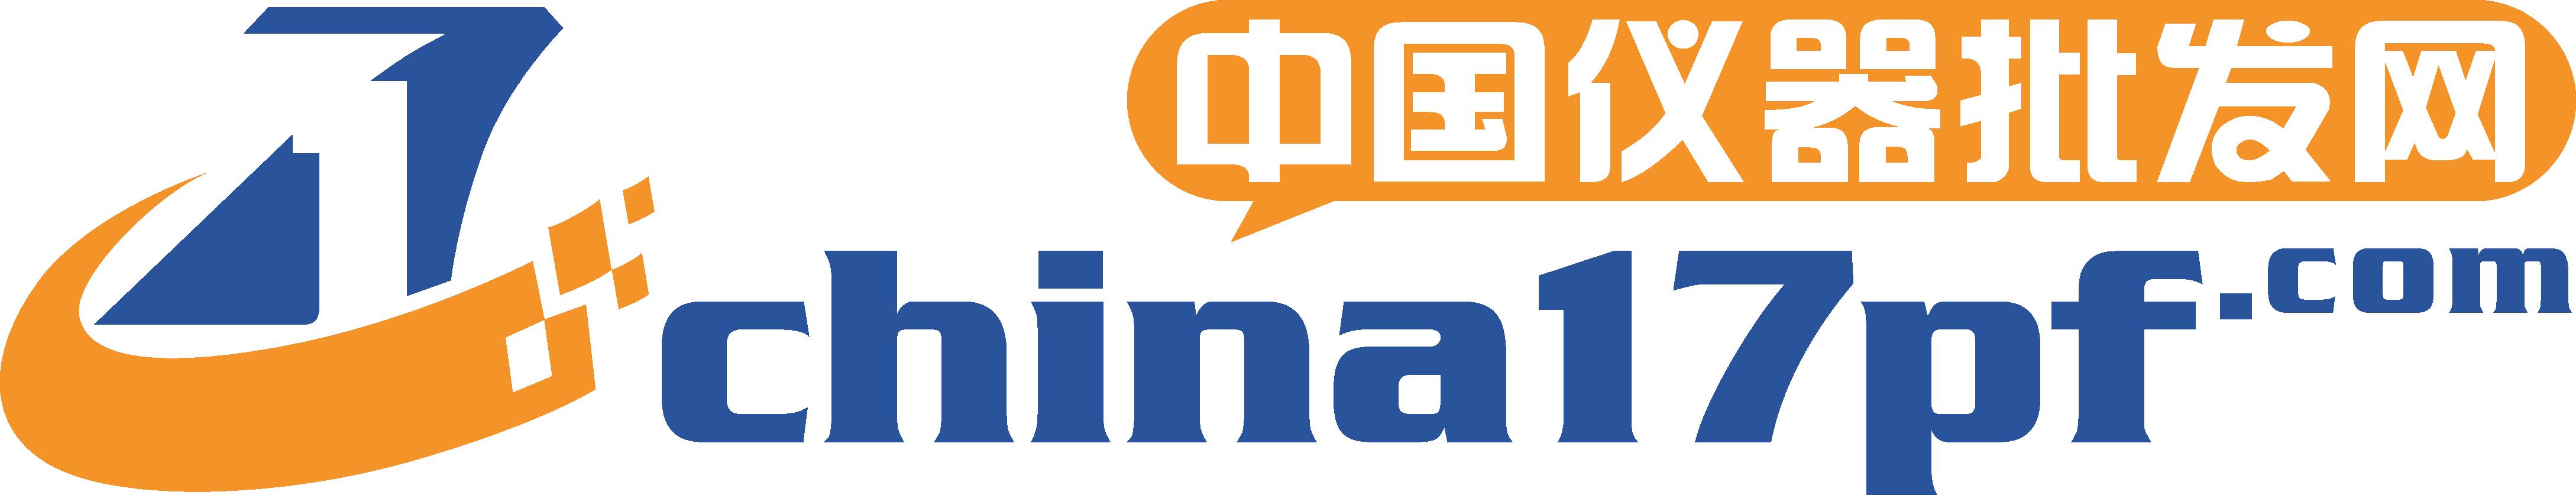 中国仪器批发网logo.png